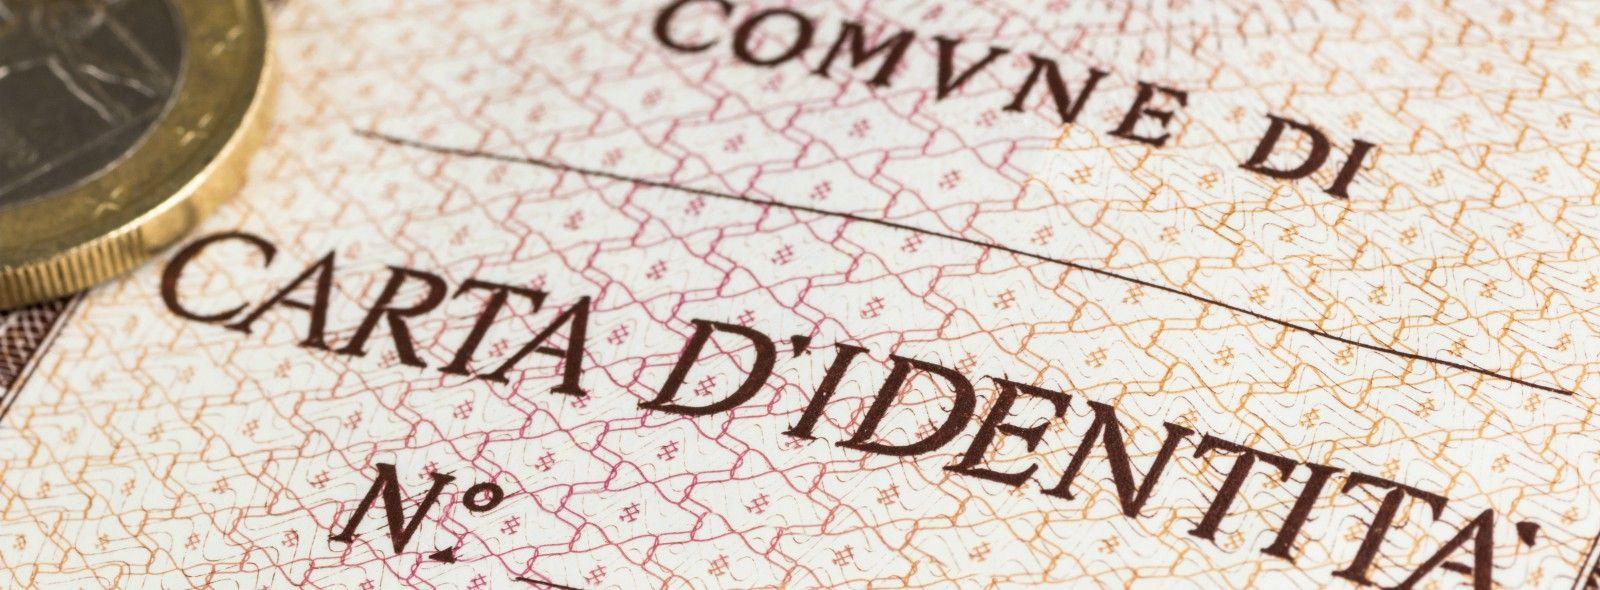 Carta d'identità valida per l'espatrio come riconoscerla?